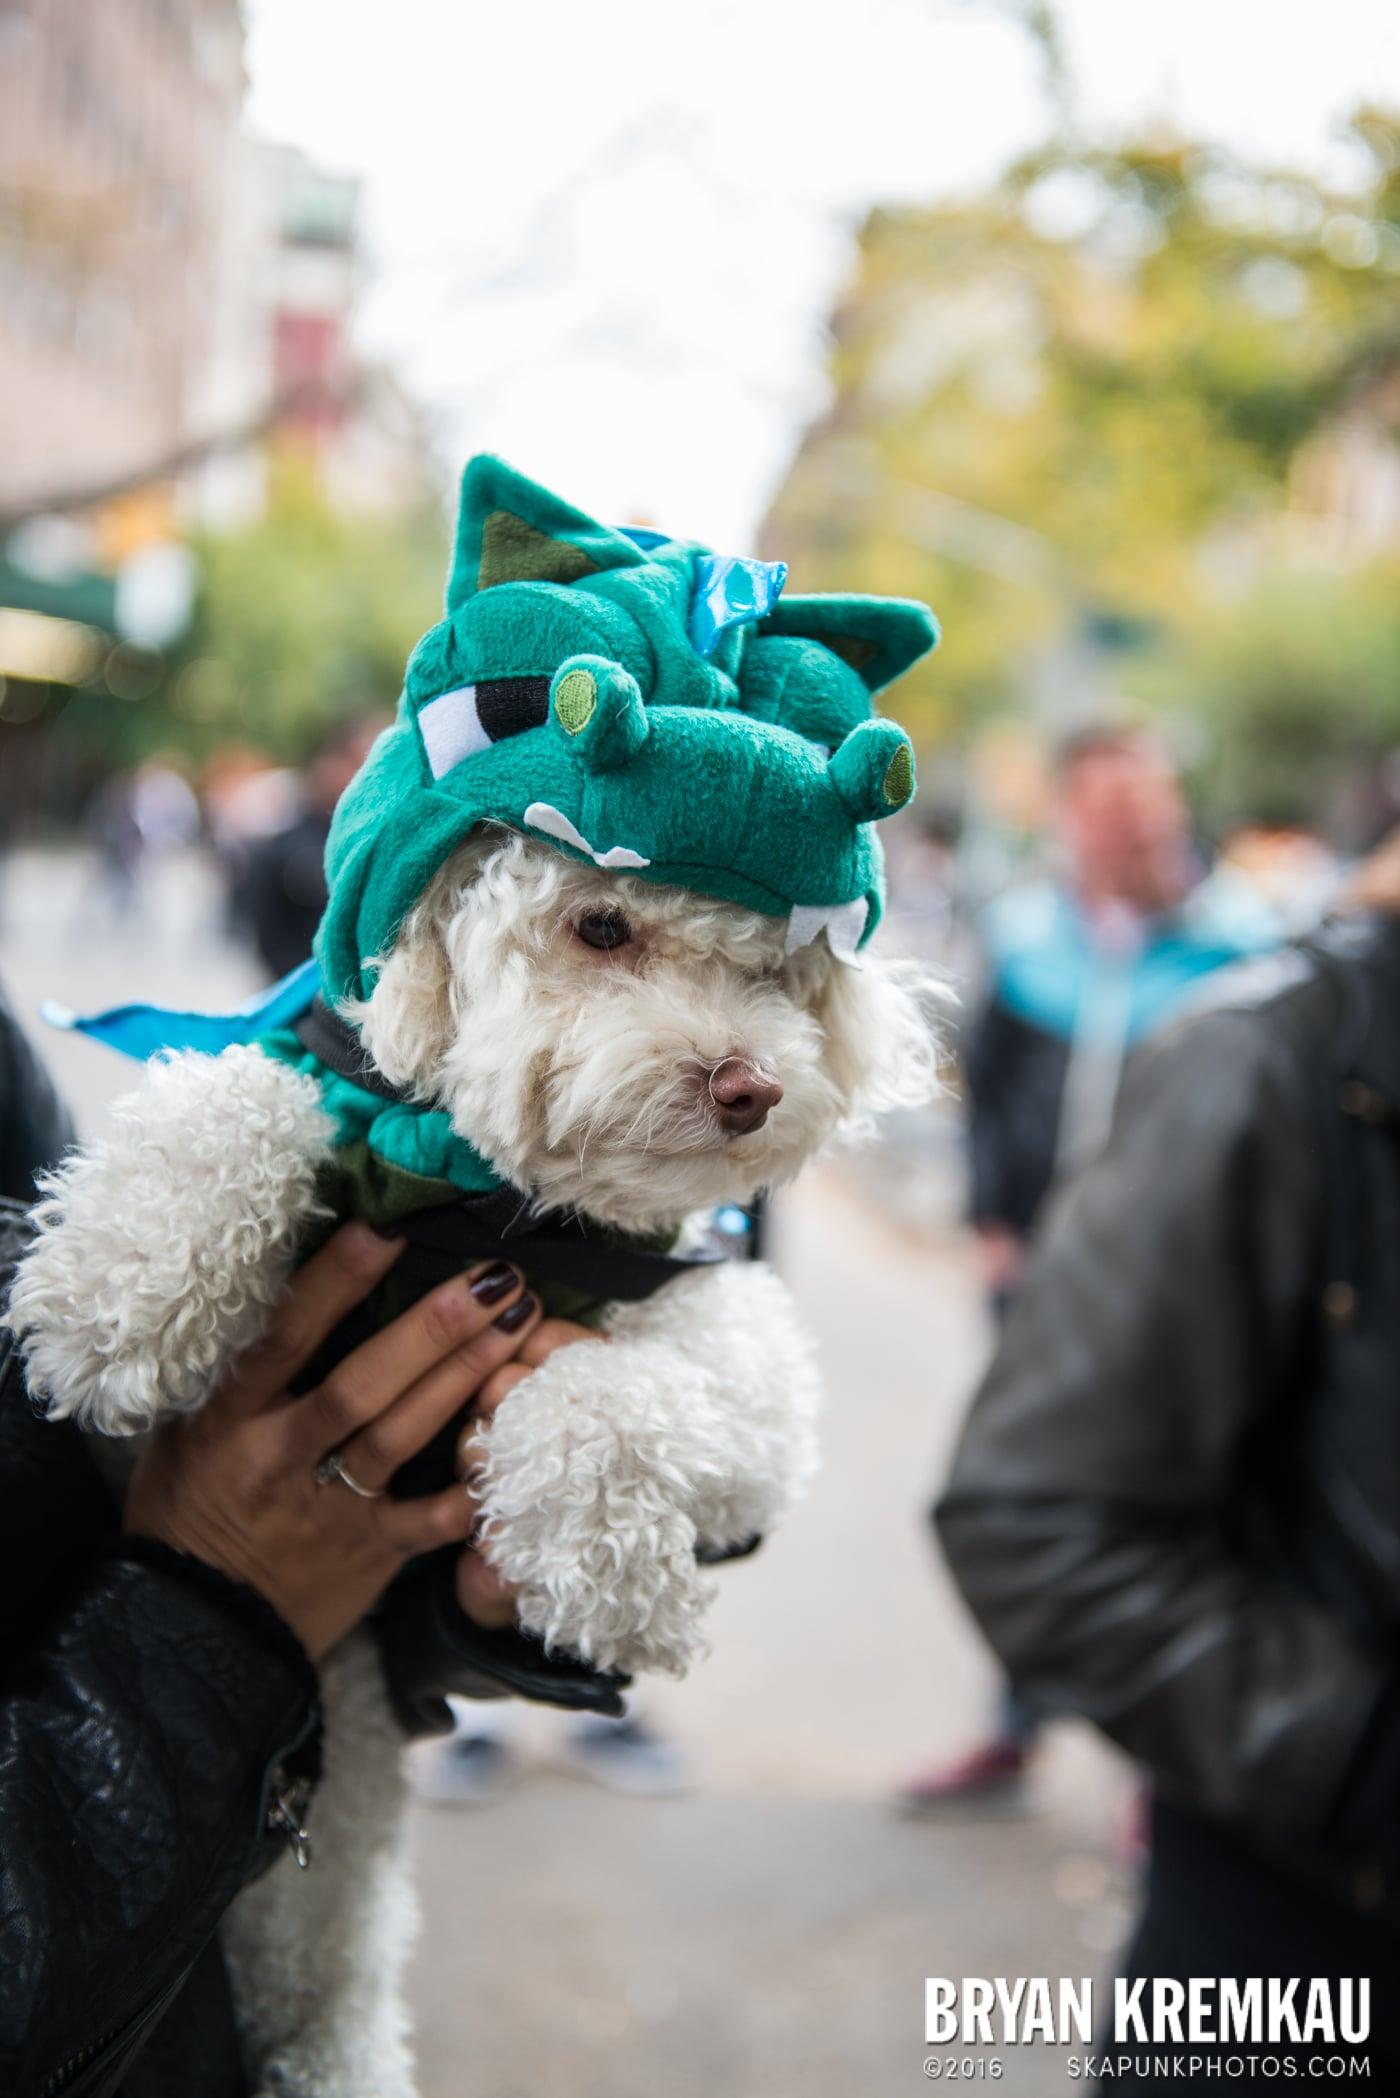 Tompkins Square Halloween Dog Parade 2015 @ Tompkins Square Park, NYC – 10.24.15 (34)